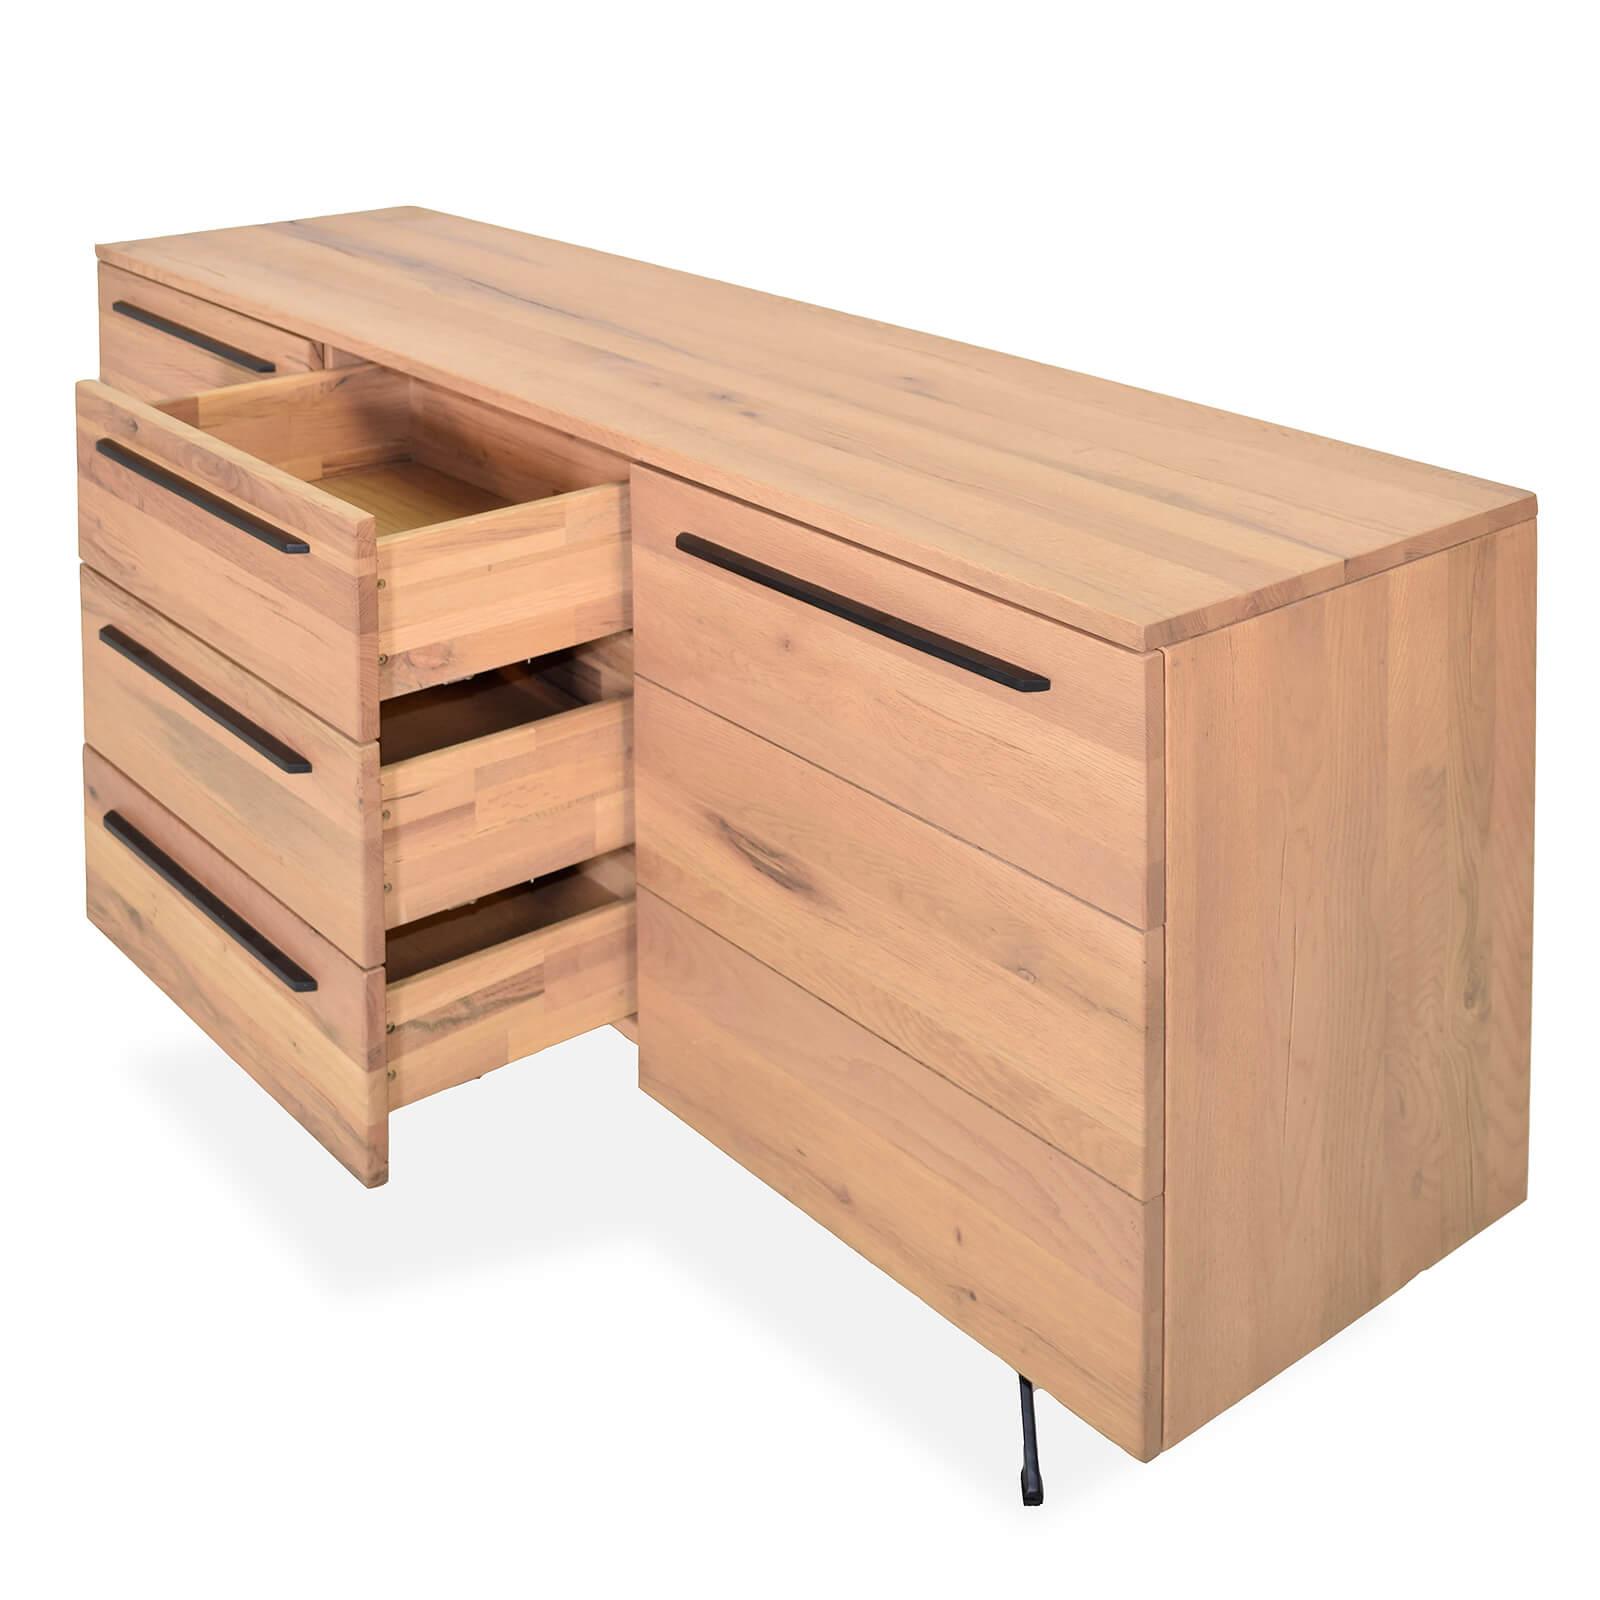 sideboard kito eiche massiv natur ge lt 165 cm. Black Bedroom Furniture Sets. Home Design Ideas